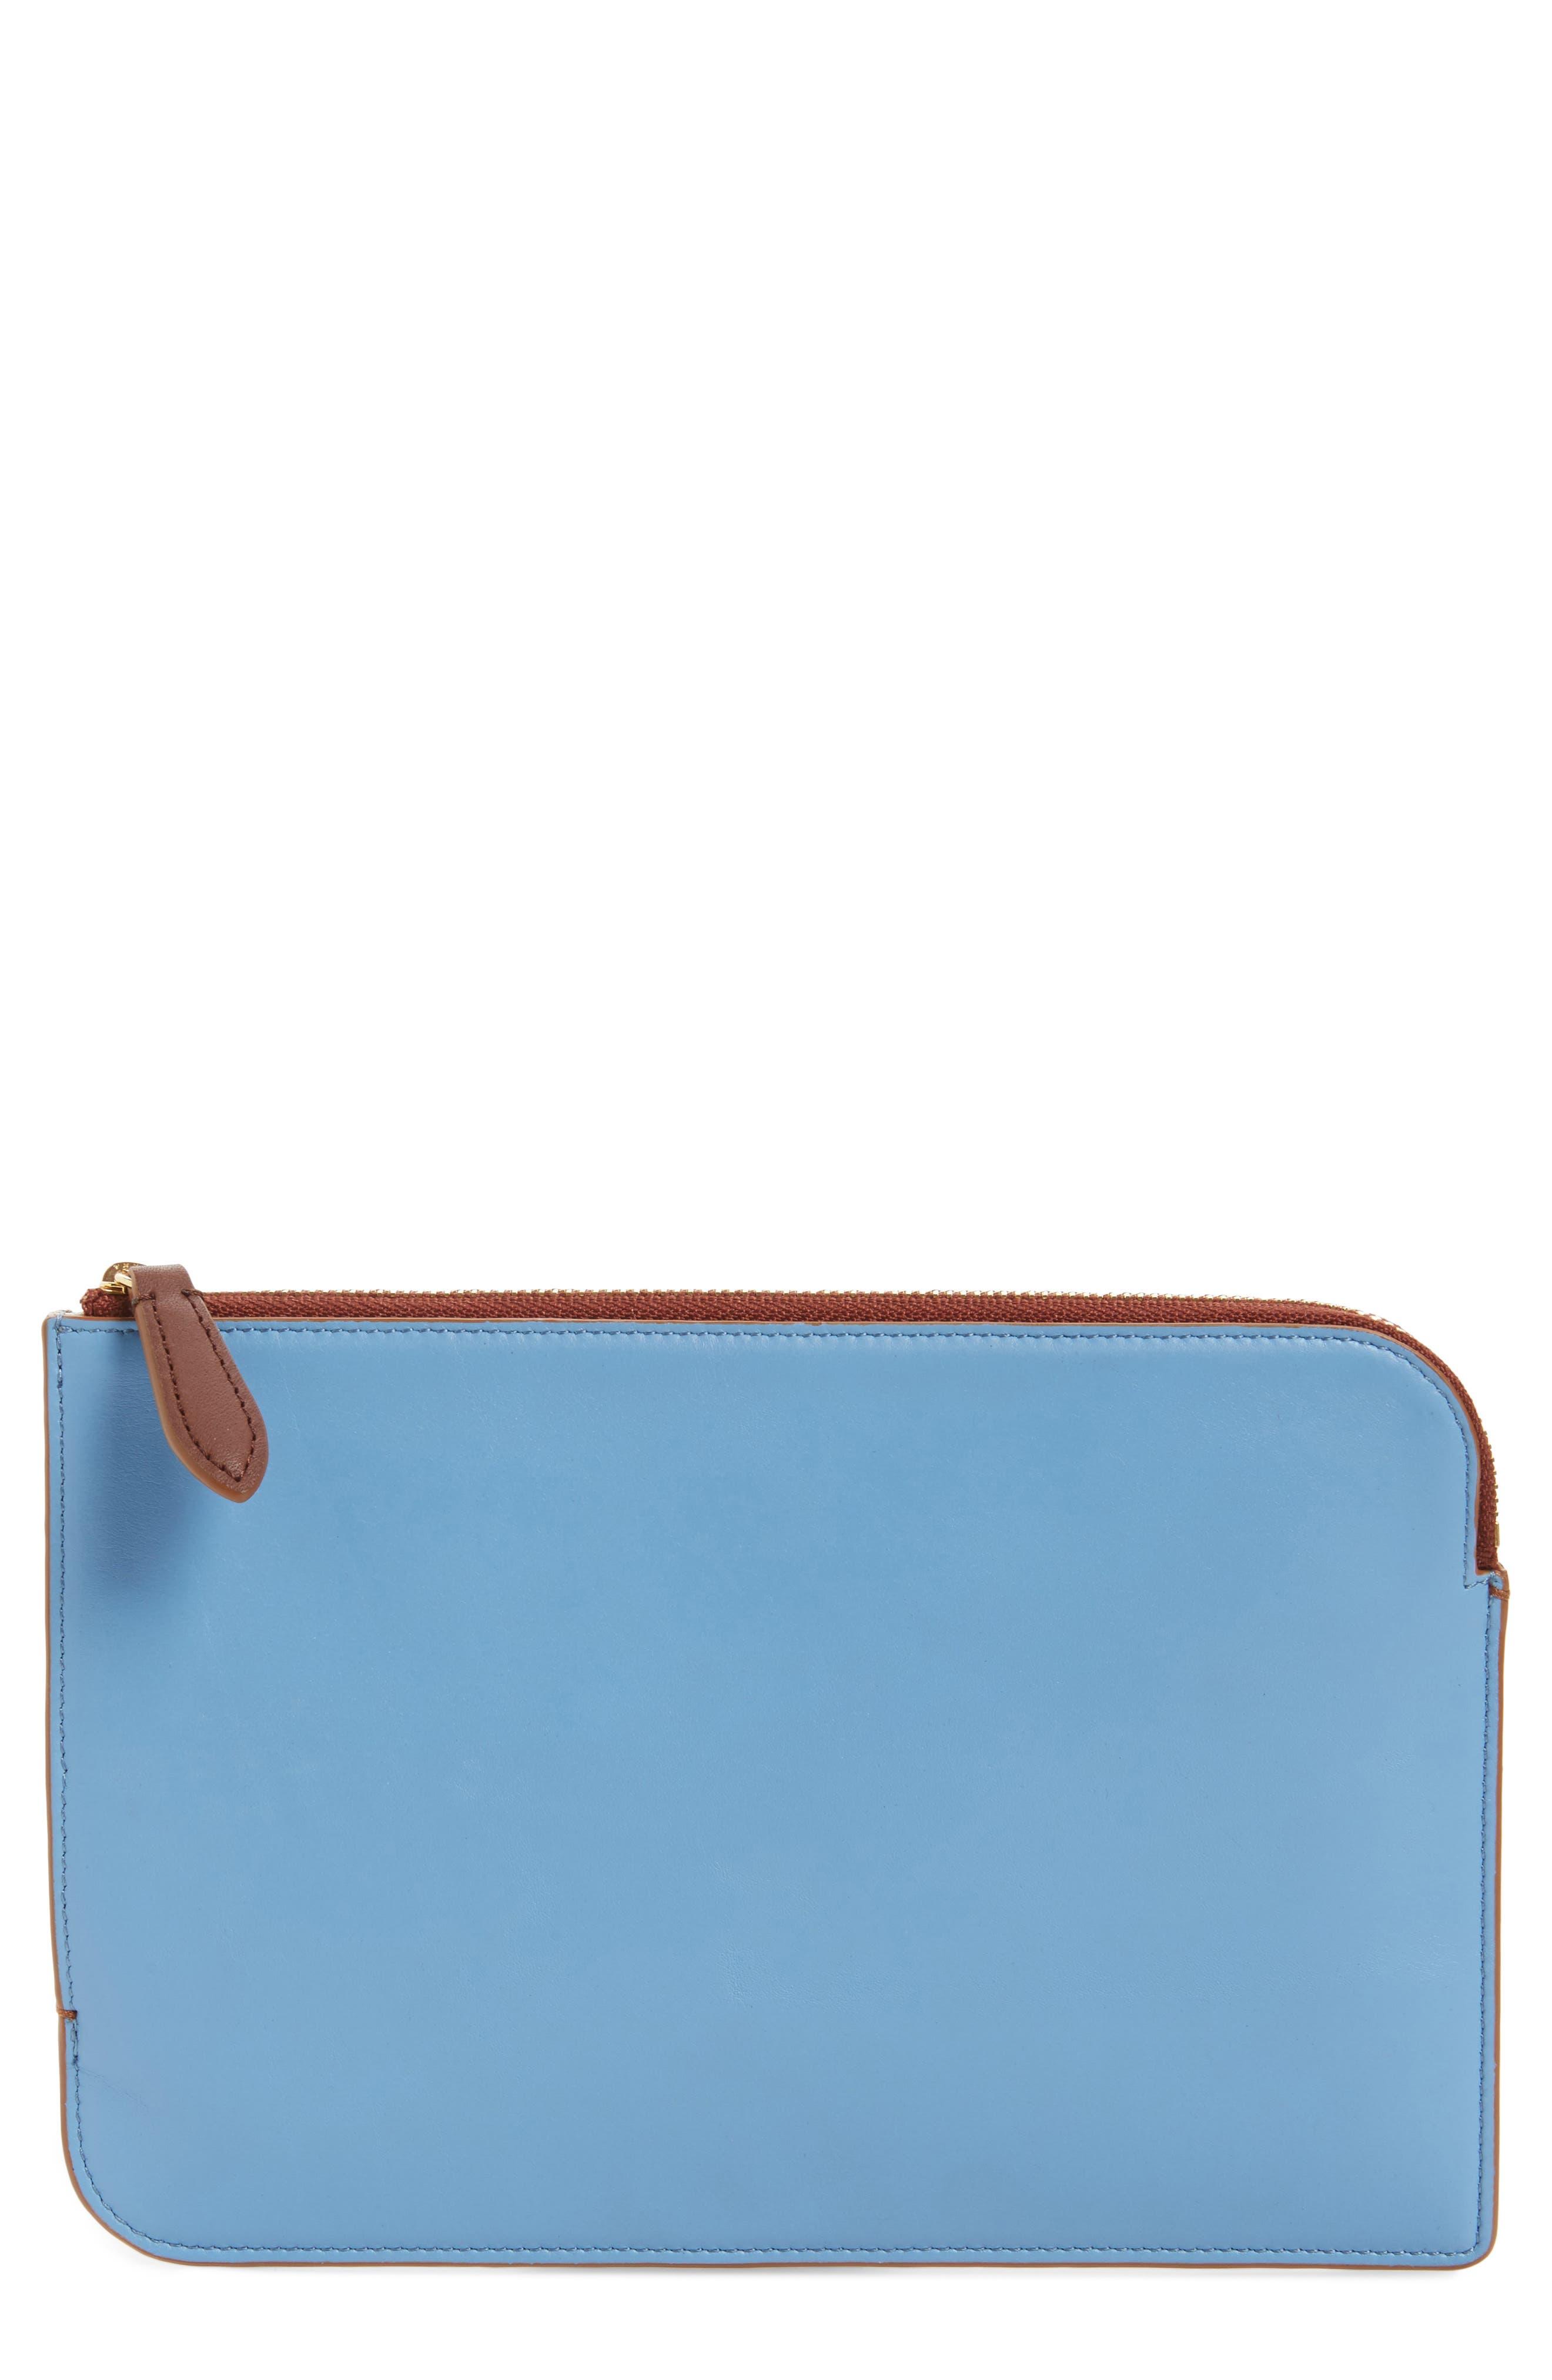 Alternate Image 1 Selected - Diane von Furstenberg Medium Leather Zip Pouch